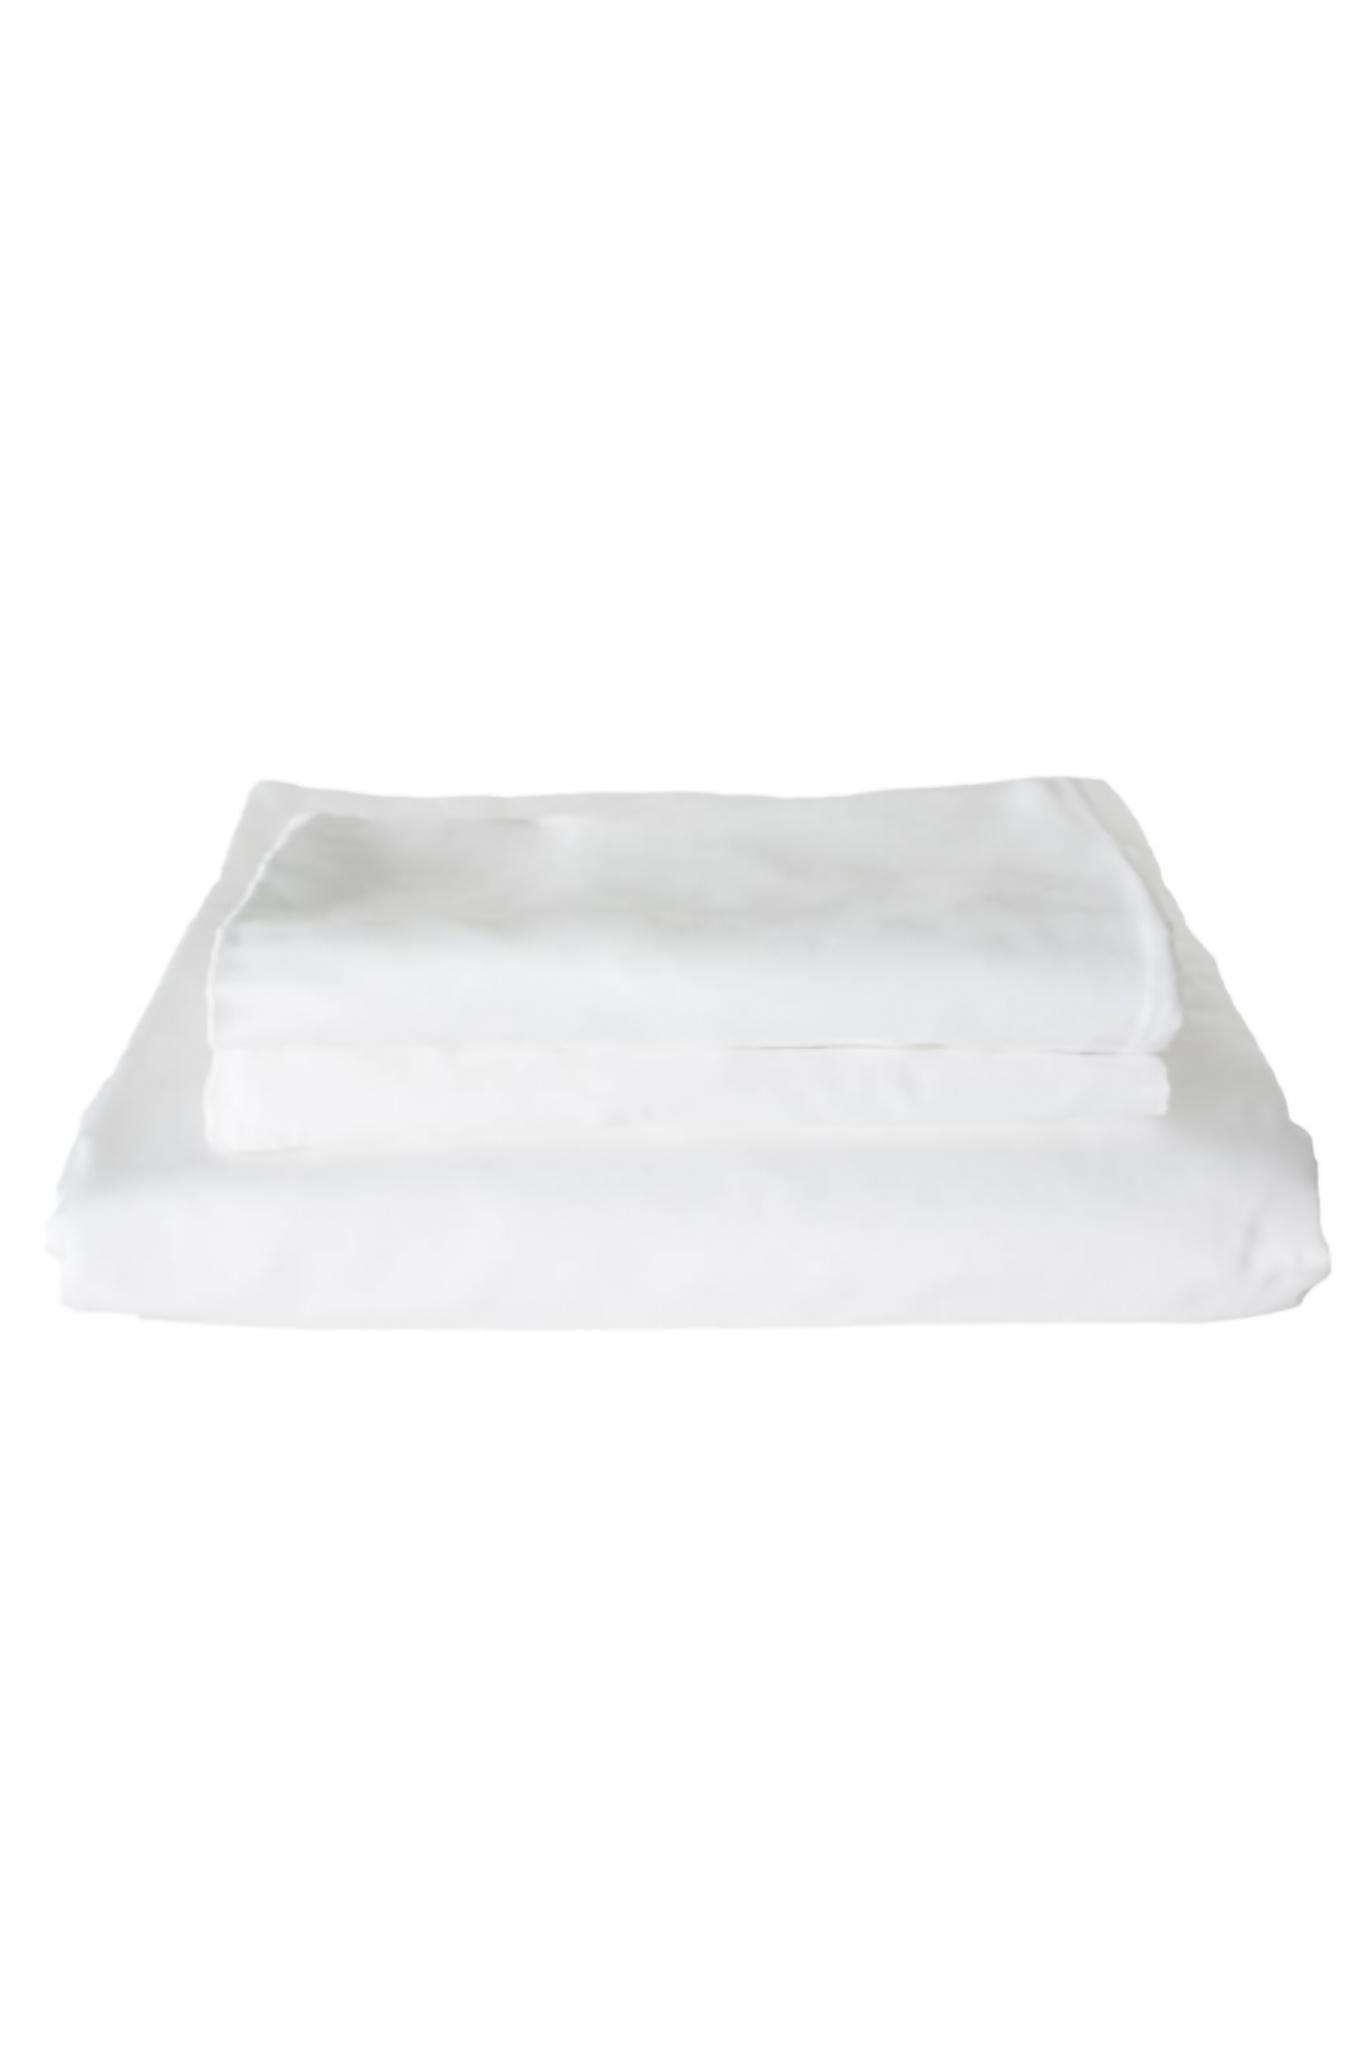 Pillows bedlinnen set